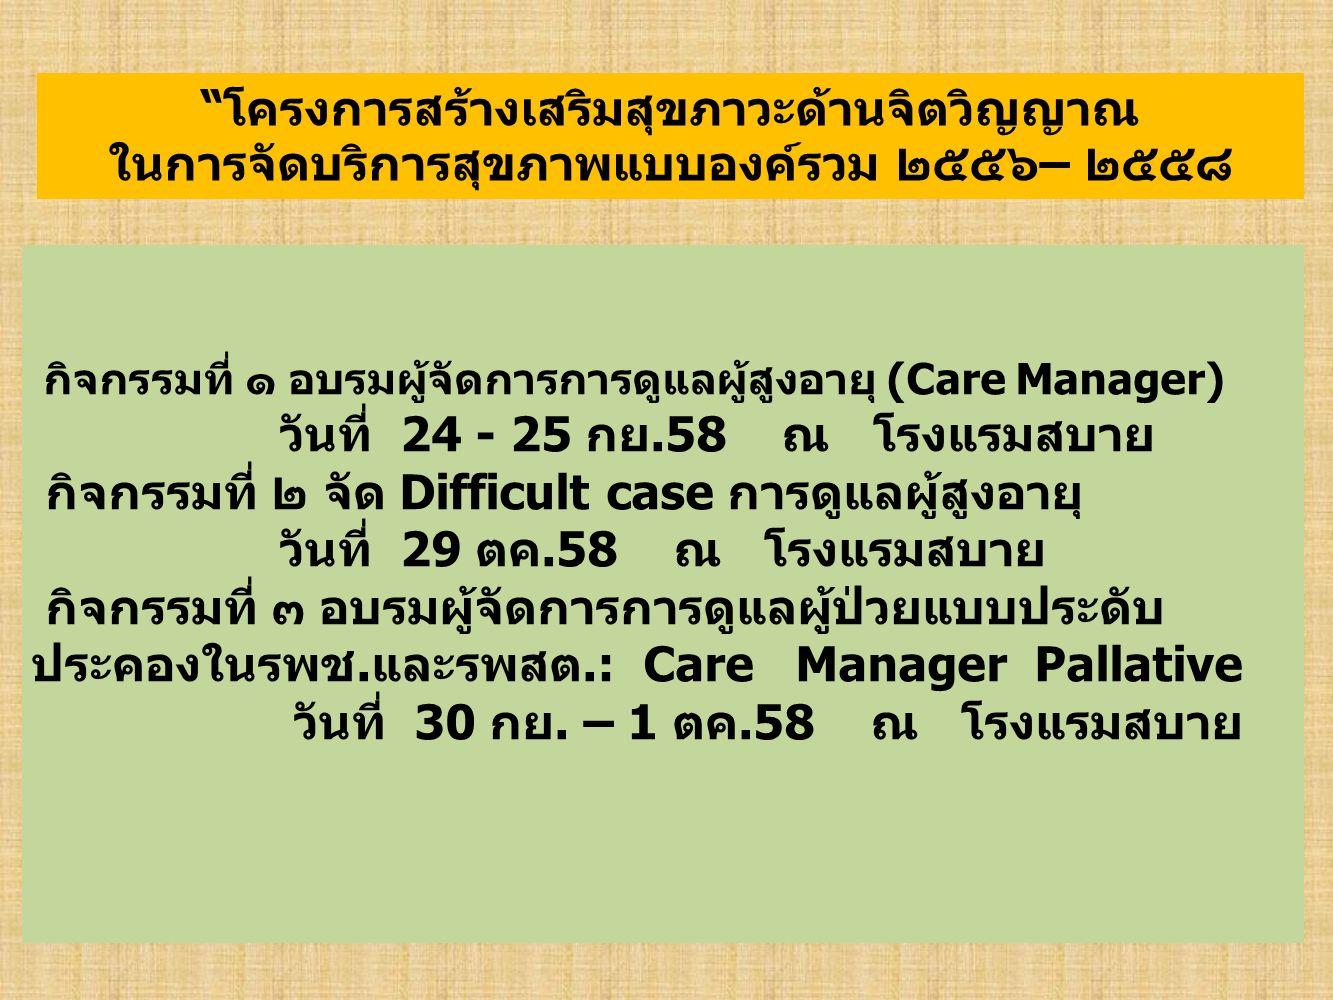 กิจกรรมที่ ๑ อบรมผู้จัดการการดูแลผู้สูงอายุ (Care Manager) วันที่ 24 - 25 กย.58 ณ โรงแรมสบาย กิจกรรมที่ ๒ จัด Difficult case การดูแลผู้สูงอายุ วันที่ 29 ตค.58 ณ โรงแรมสบาย กิจกรรมที่ ๓ อบรมผู้จัดการการดูแลผู้ป่วยแบบประดับ ประคองในรพช.และรพสต.: Care Manager Pallative วันที่ 30 กย.